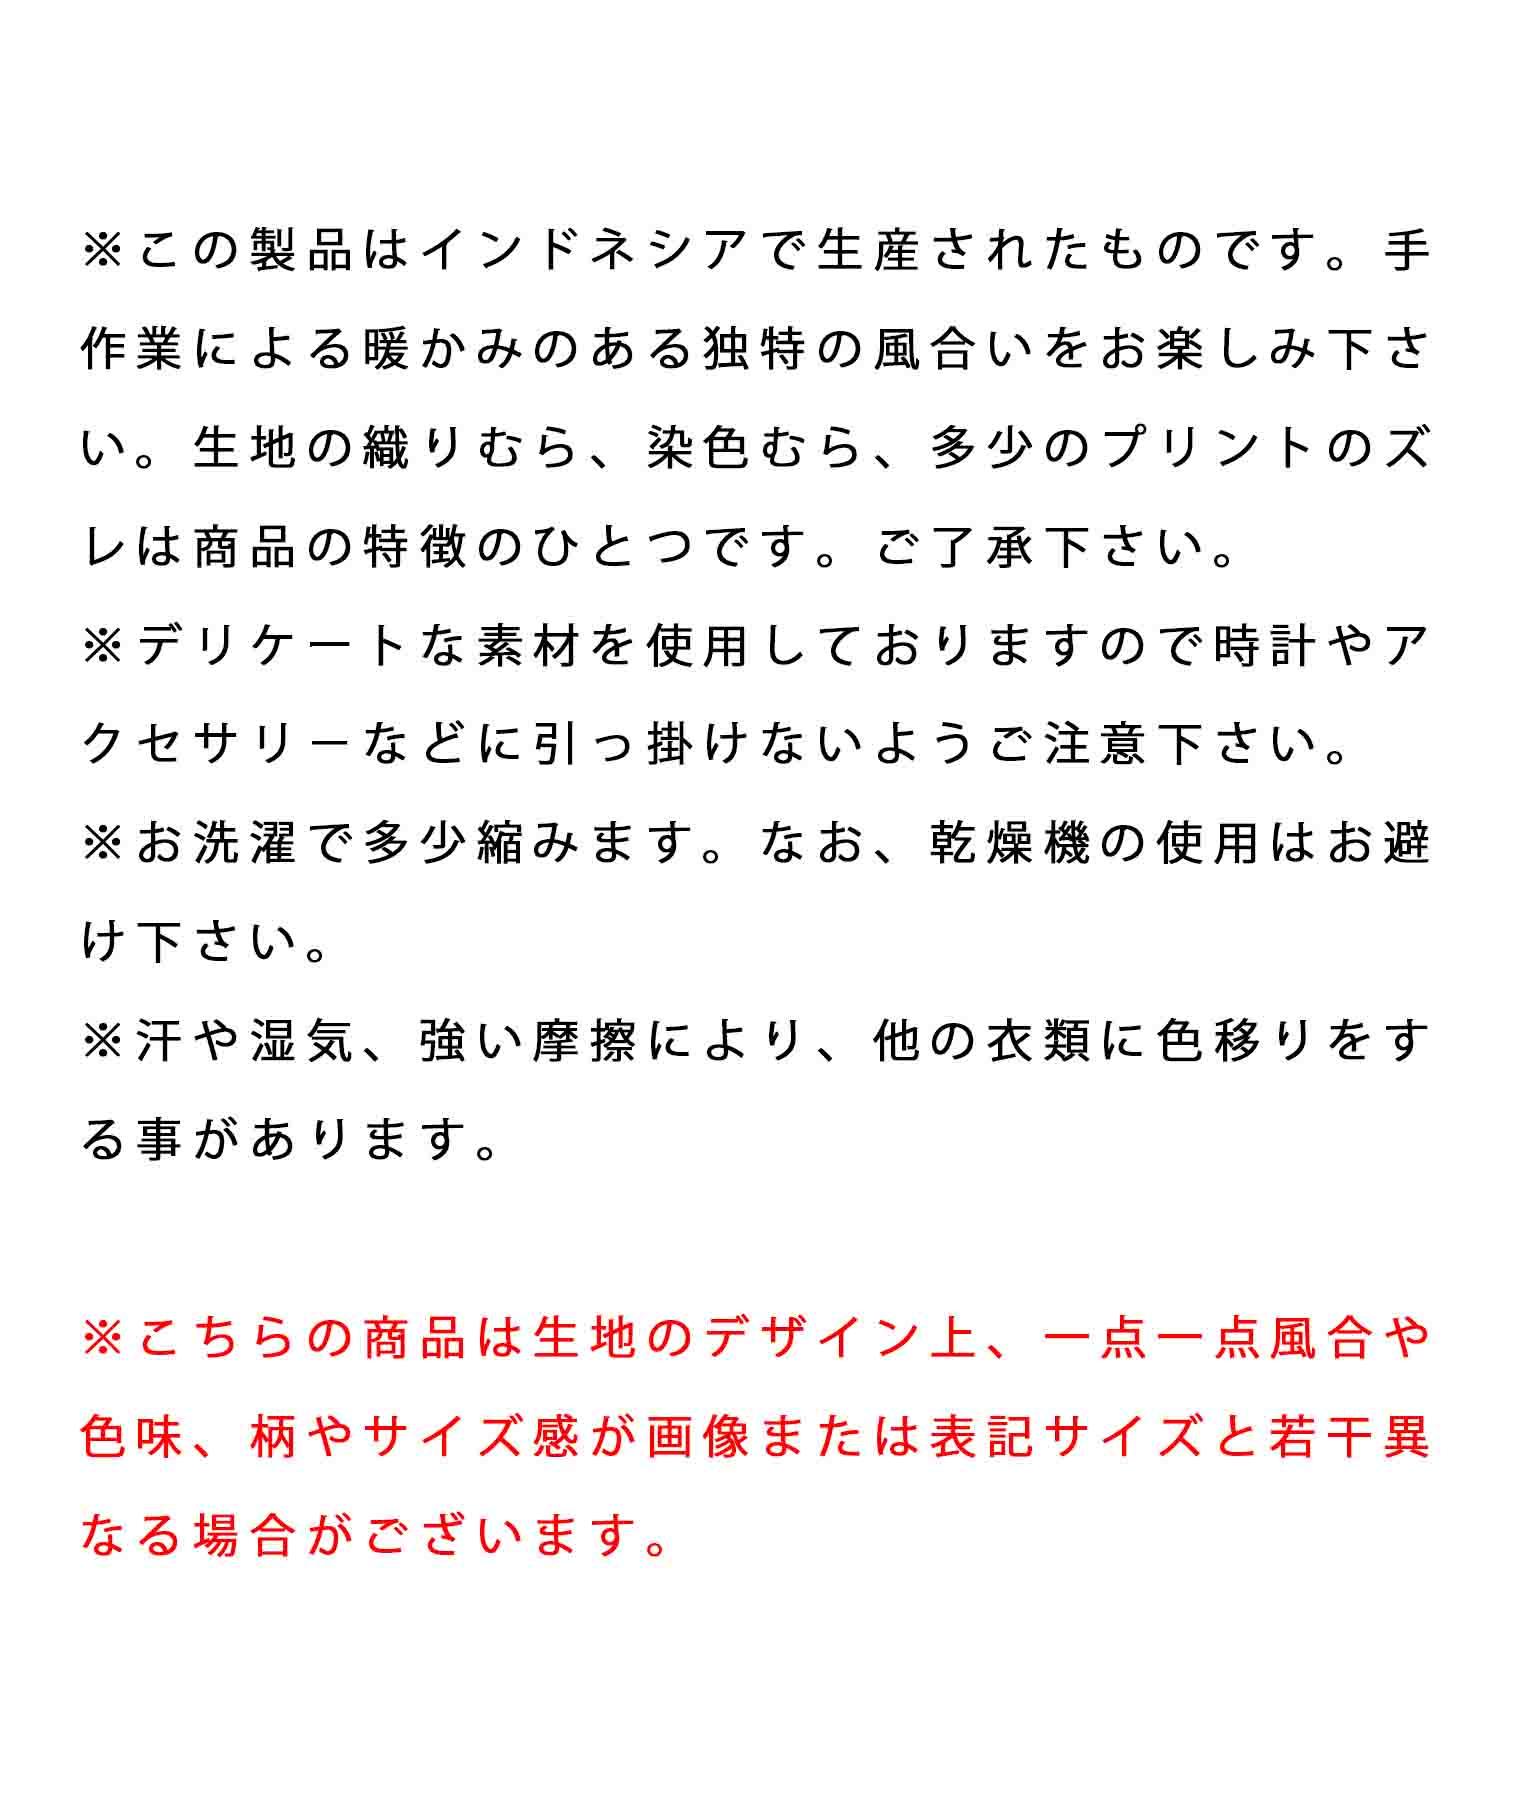 タイダイティアードフレアワンピース(ワンピース・ドレス/ロングワンピ・マキシ丈ワンピース) | anap mimpi